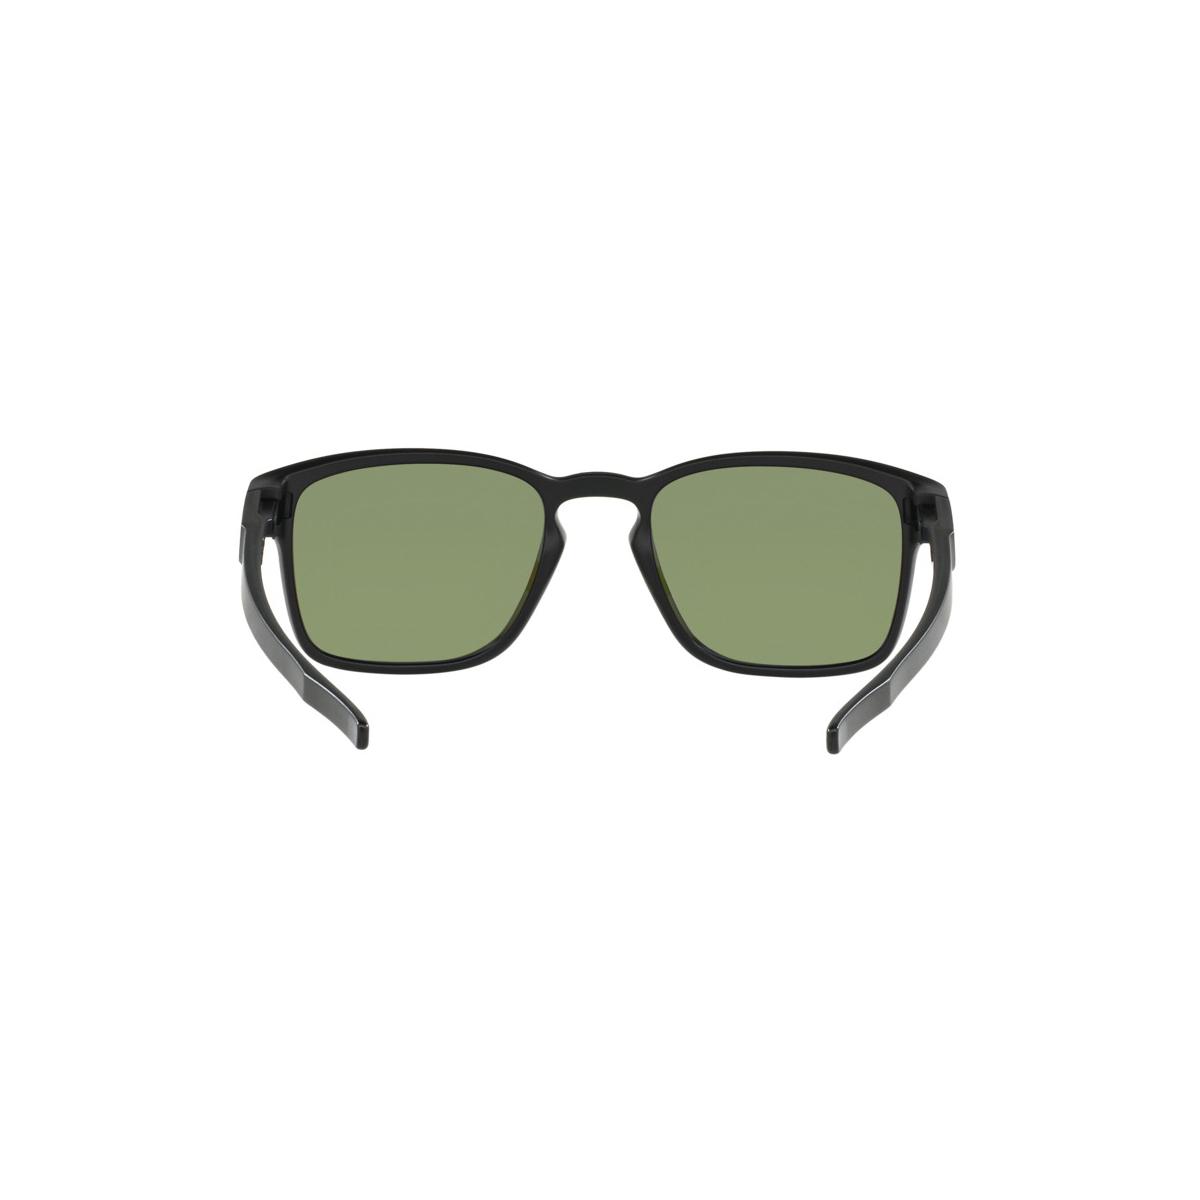 Óculos Oakley Latch Square Matte Black  Lente Violet Iridium Polarizado ref  OO9353-04 8169cf6dd5